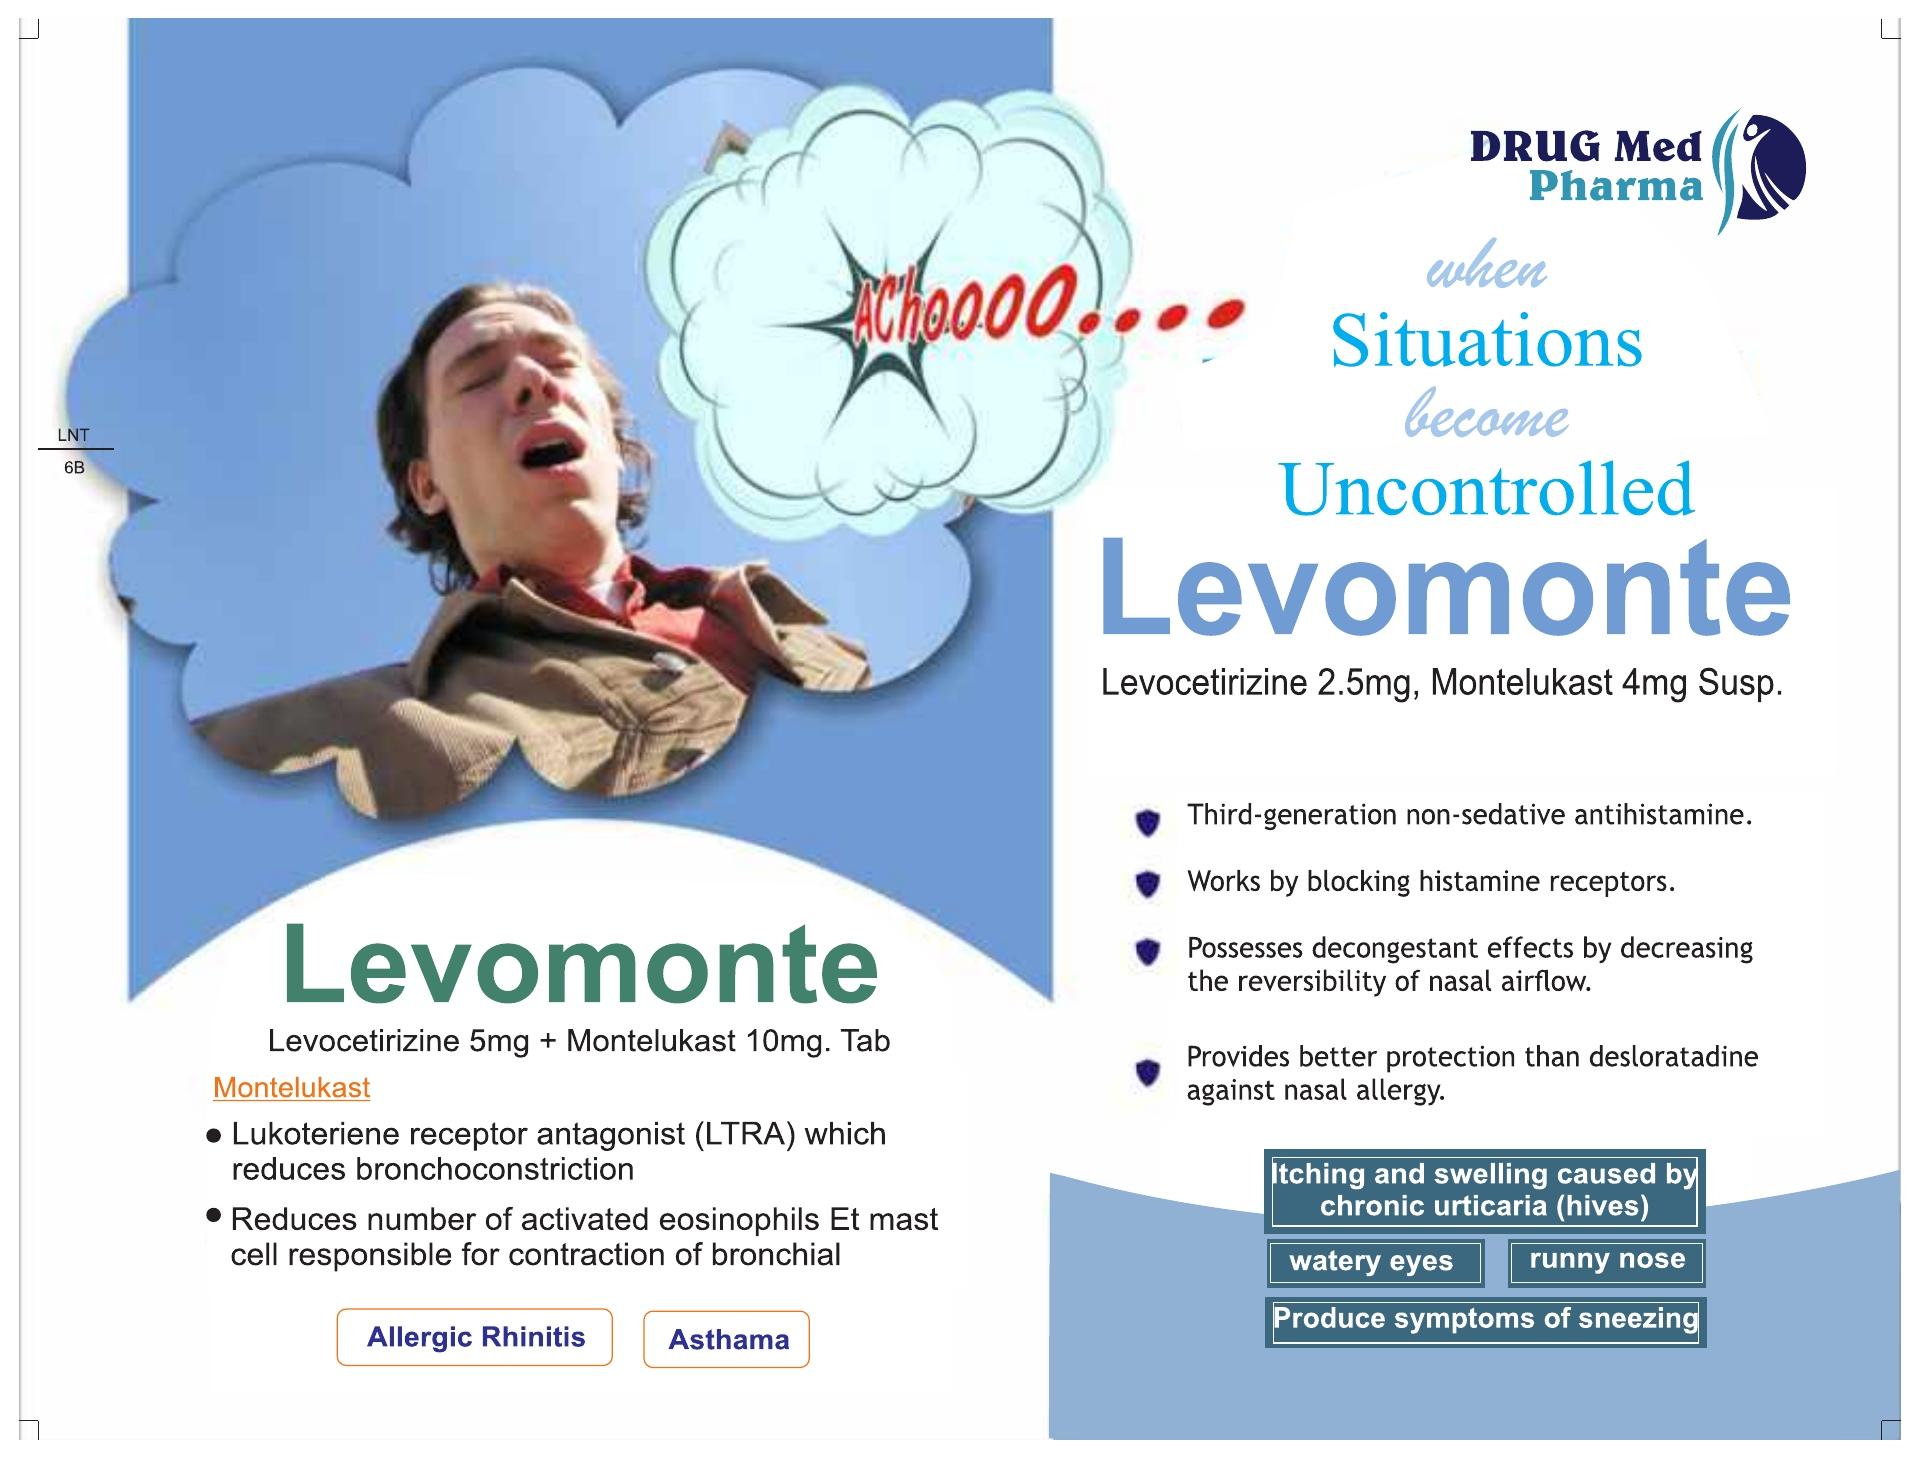 LEVOMONTE